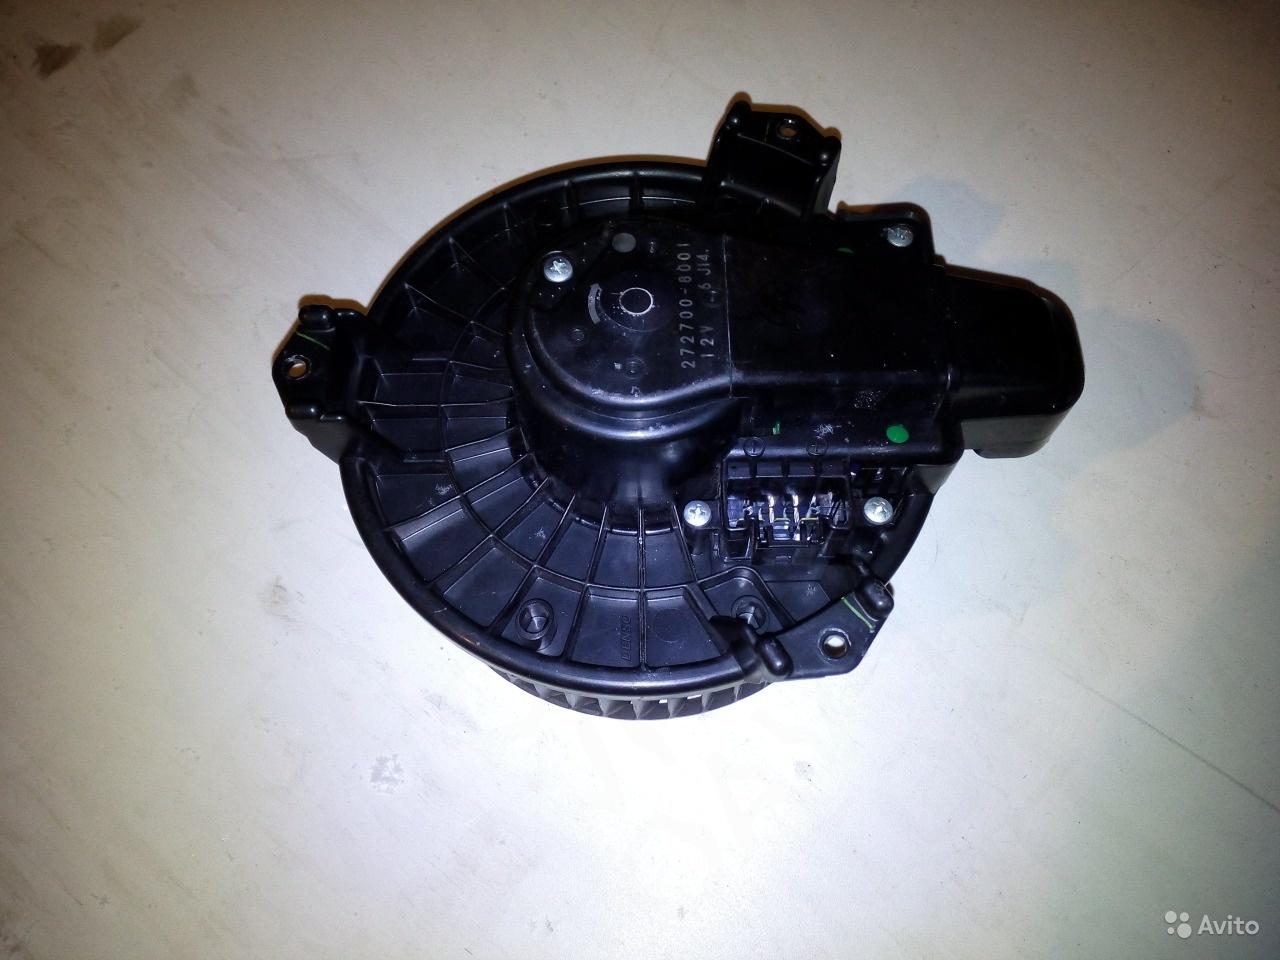 Ремонт моторчика печки тойота камри v40 Диагностика перед покупкой солярис